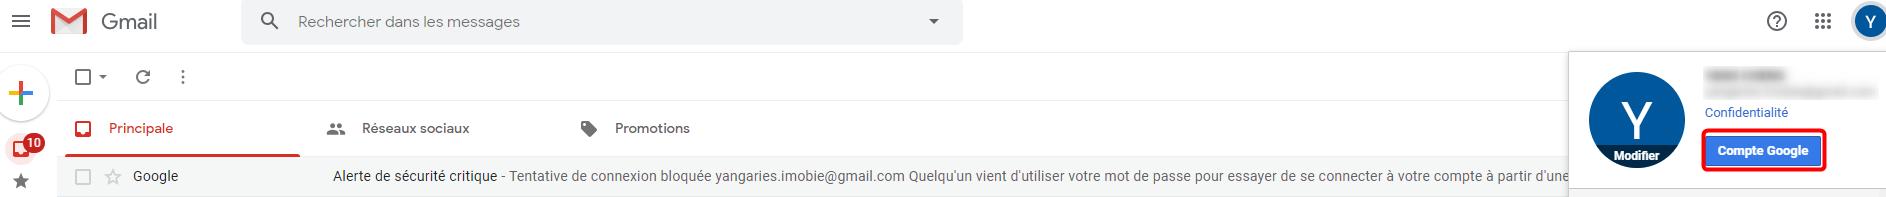 Récupérer les contacts iPhone avec Gmail - étape 1